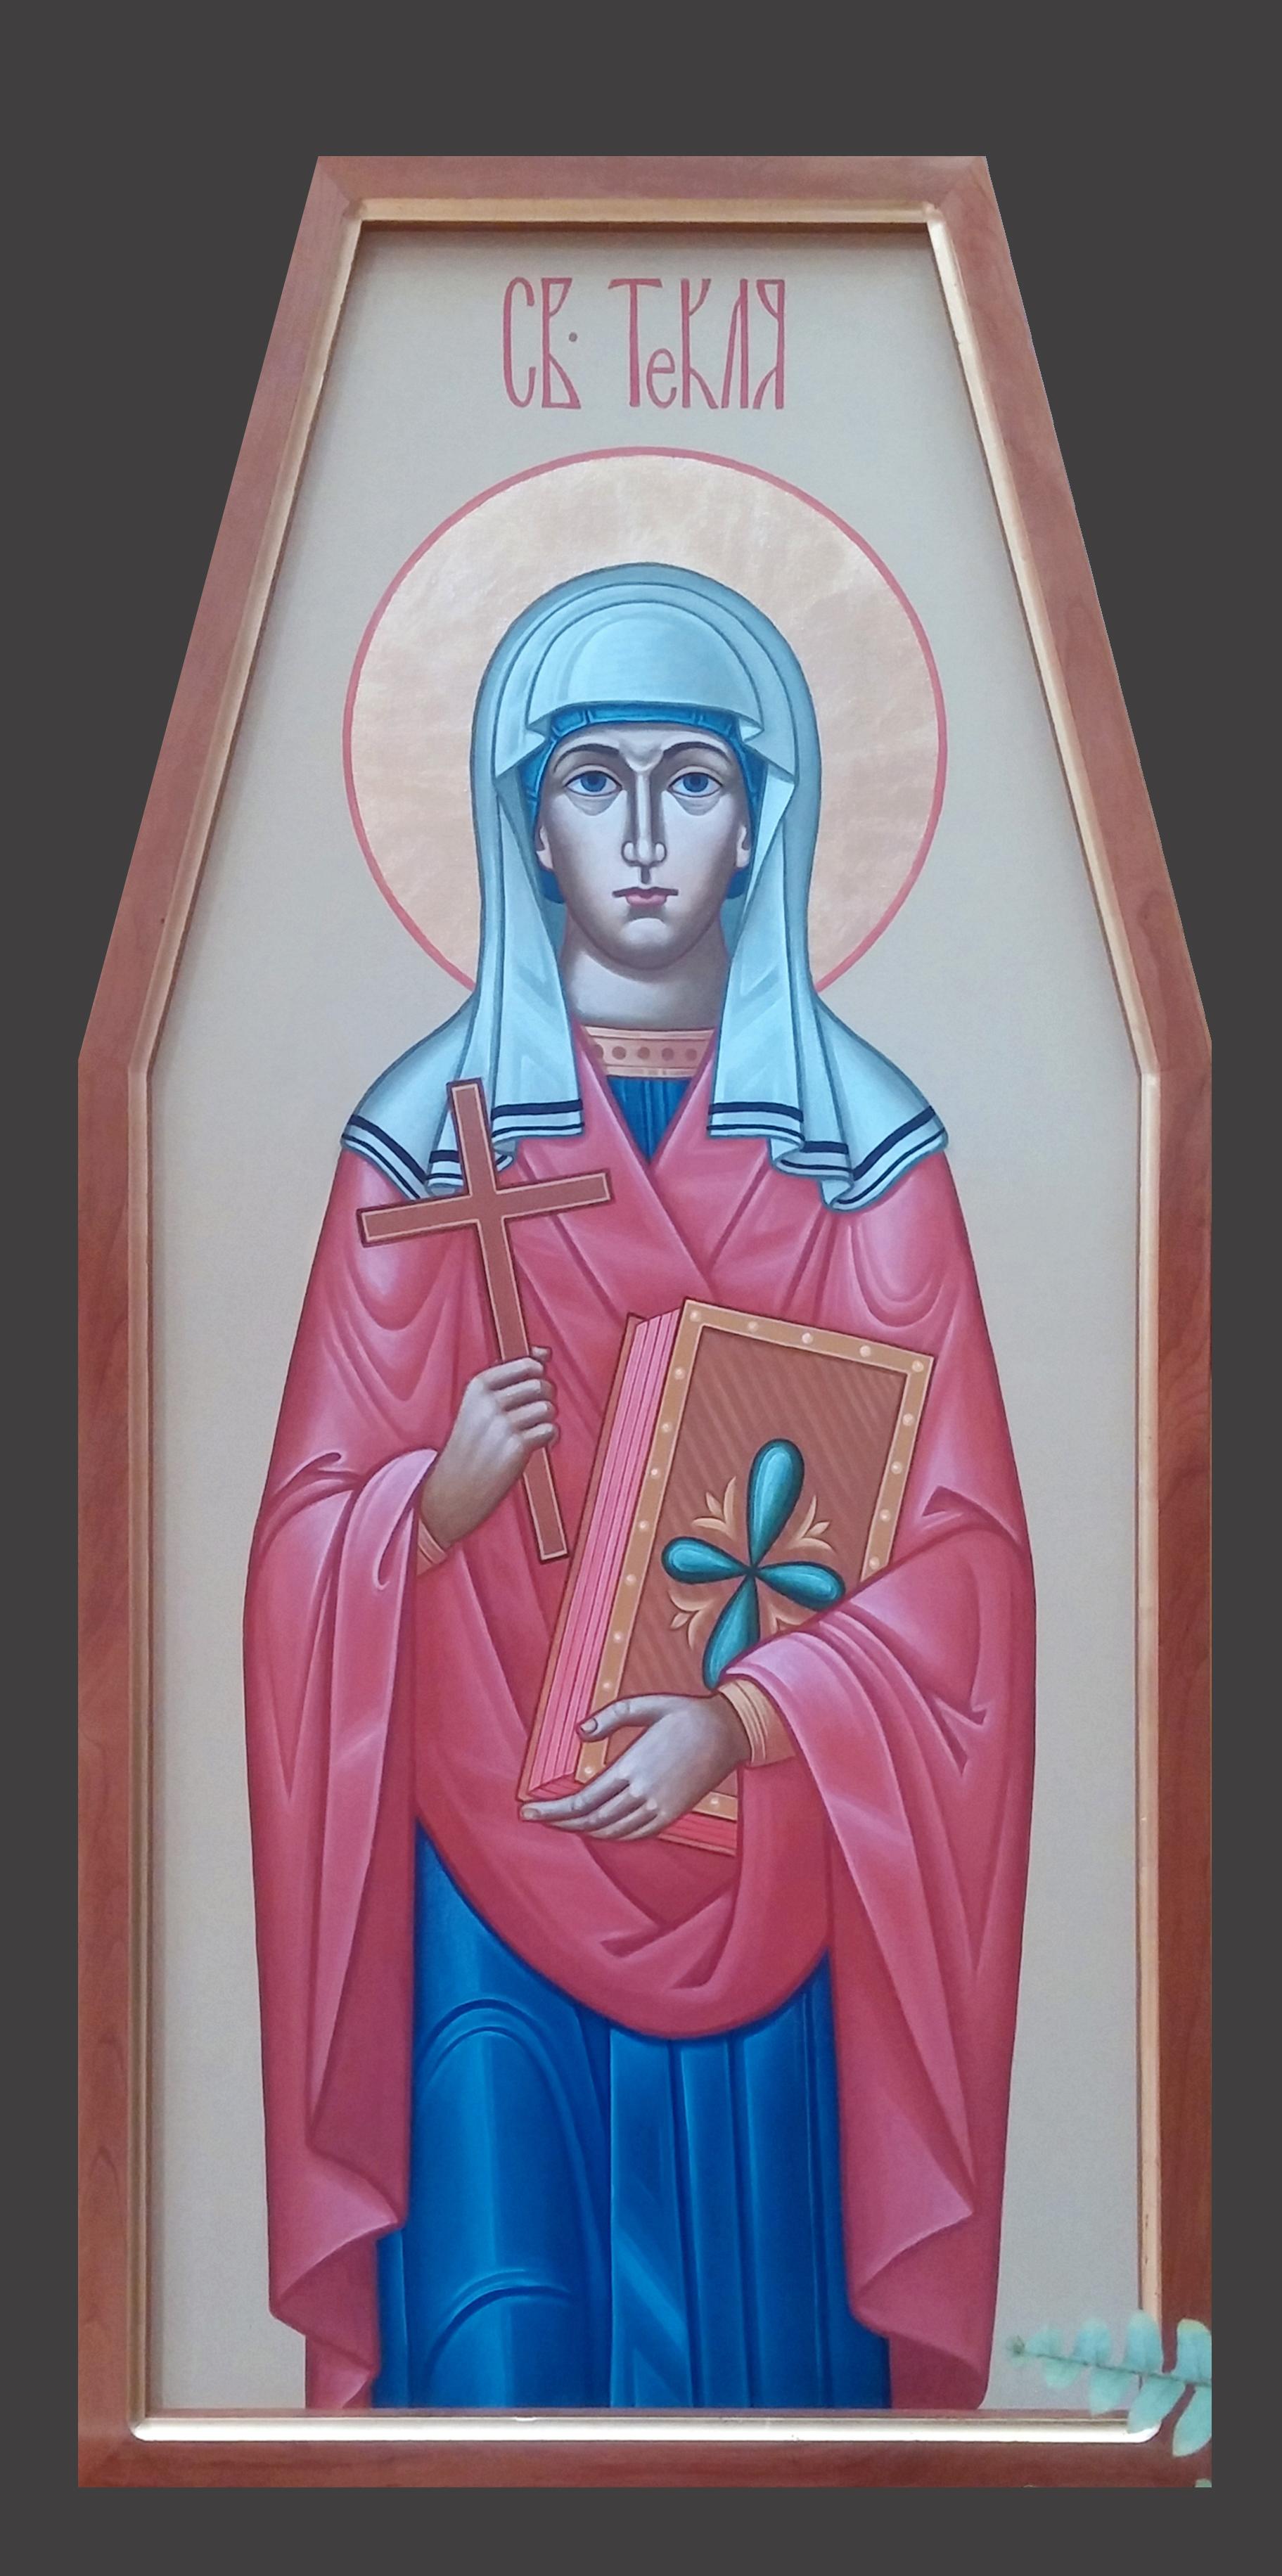 Saint Tekla